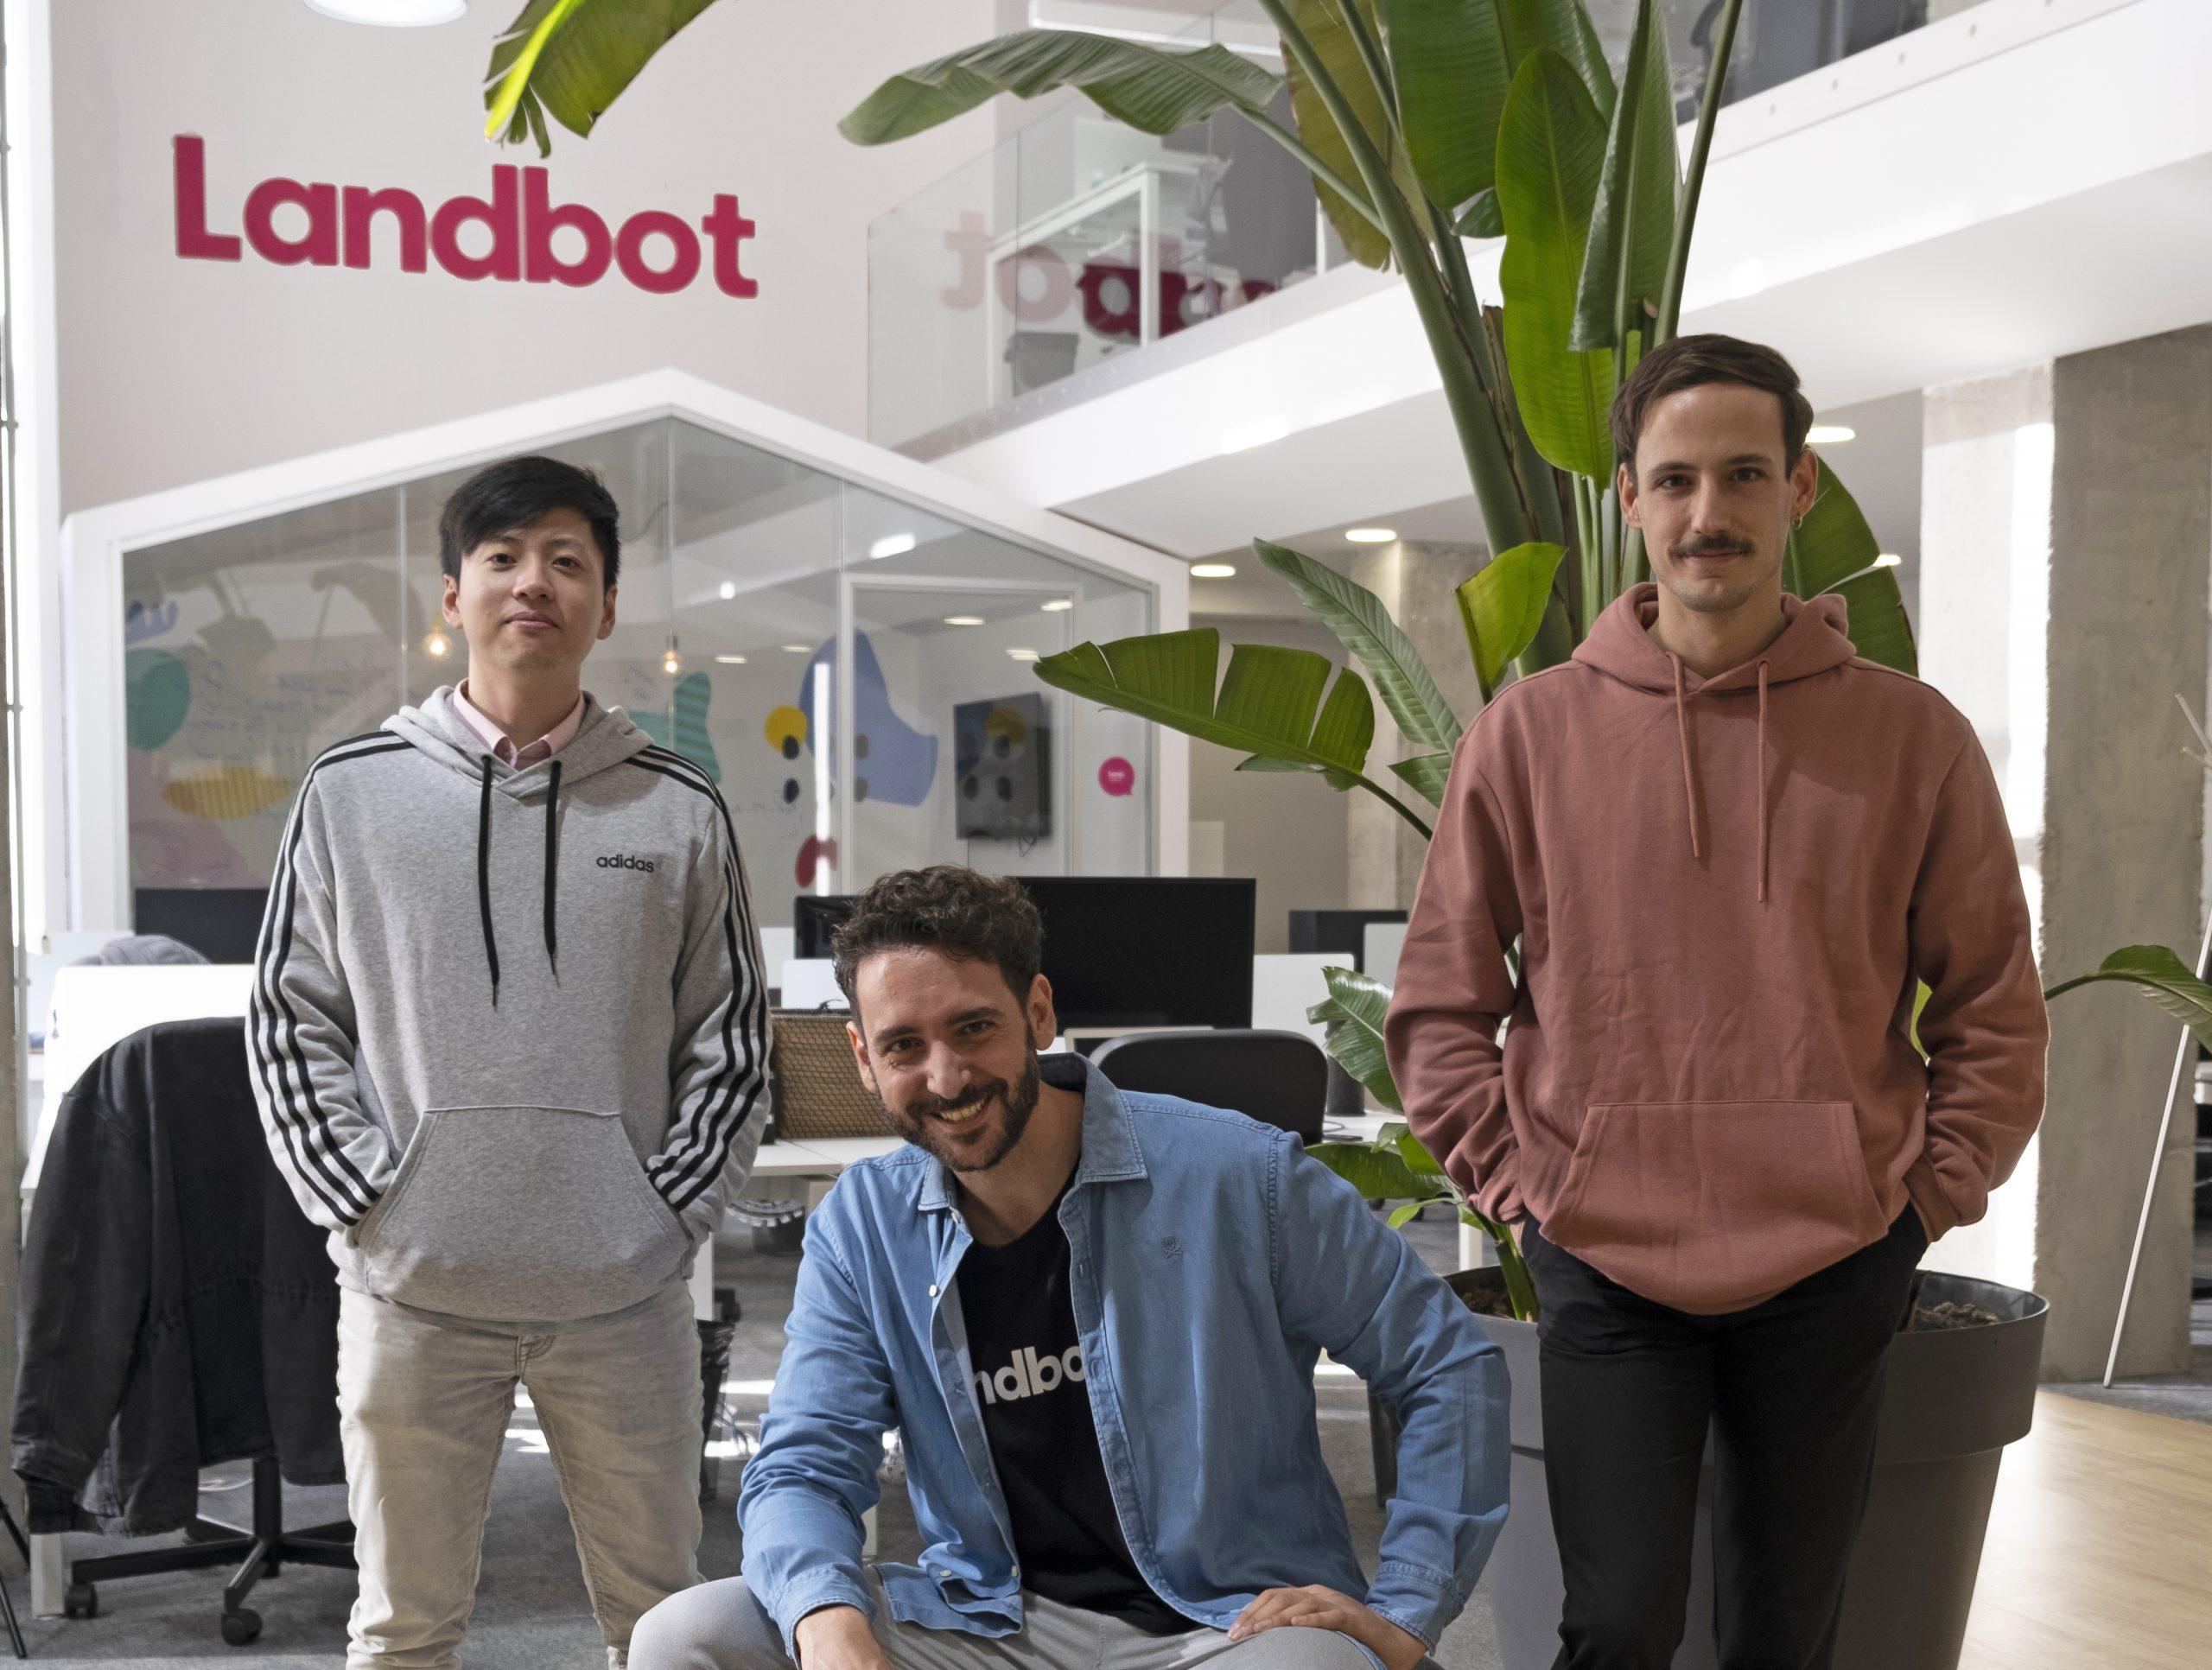 Landbot cierra una ronda de 6'5 millones de euros liderada por el fondo de capital riesgo hispano-israelí Swanlaab.